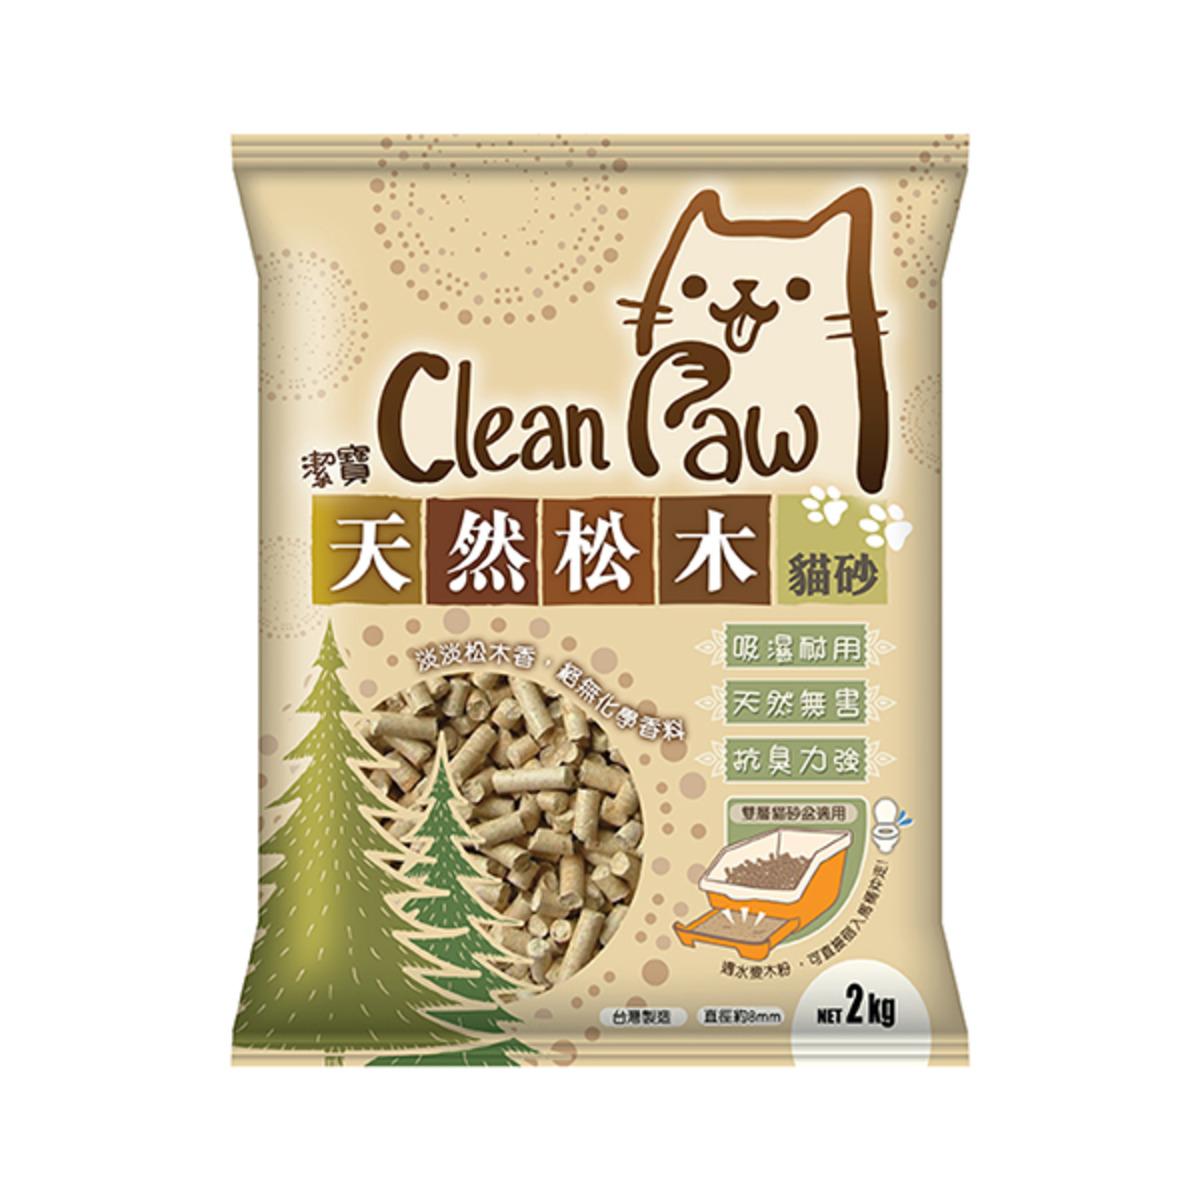 台灣天然松木貓砂 (3L, 淨重 2公斤)